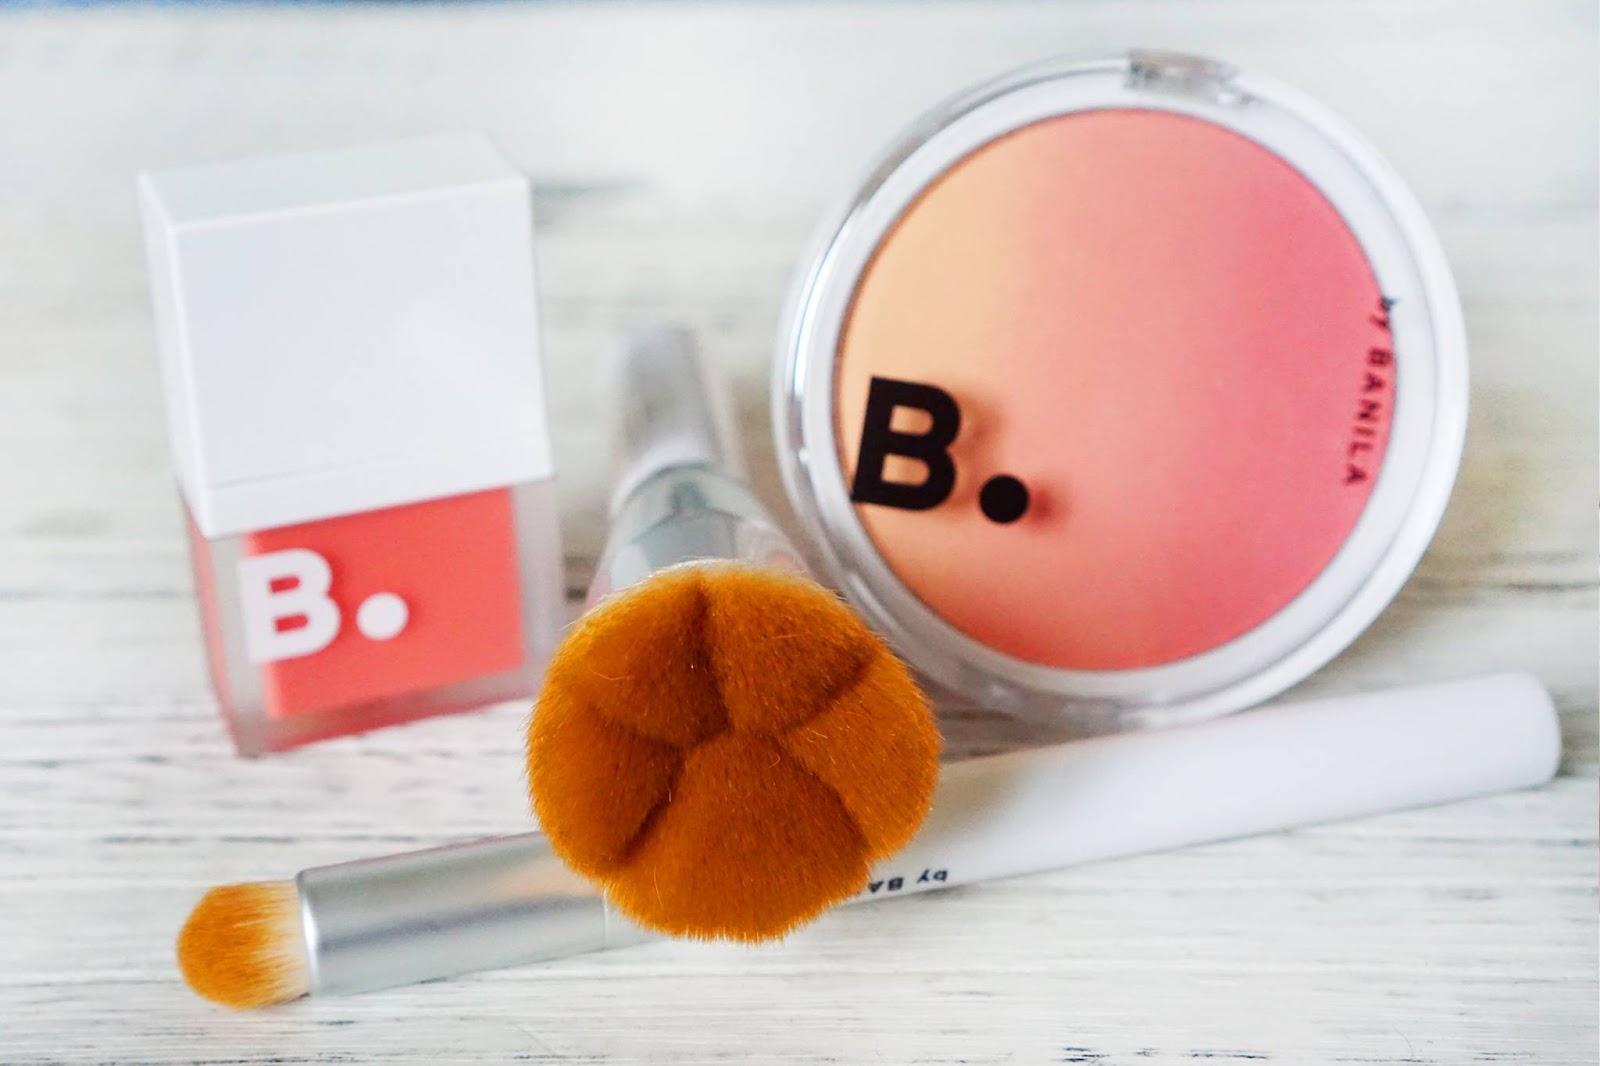 bdfebbb3693 而我係雜誌曾經介紹 (https   goo.gl TLf9tT) 的 B. by Banila 歌基肉球胭脂蜜粉掃及小尾巴眼影掃都係莎莎搵到。